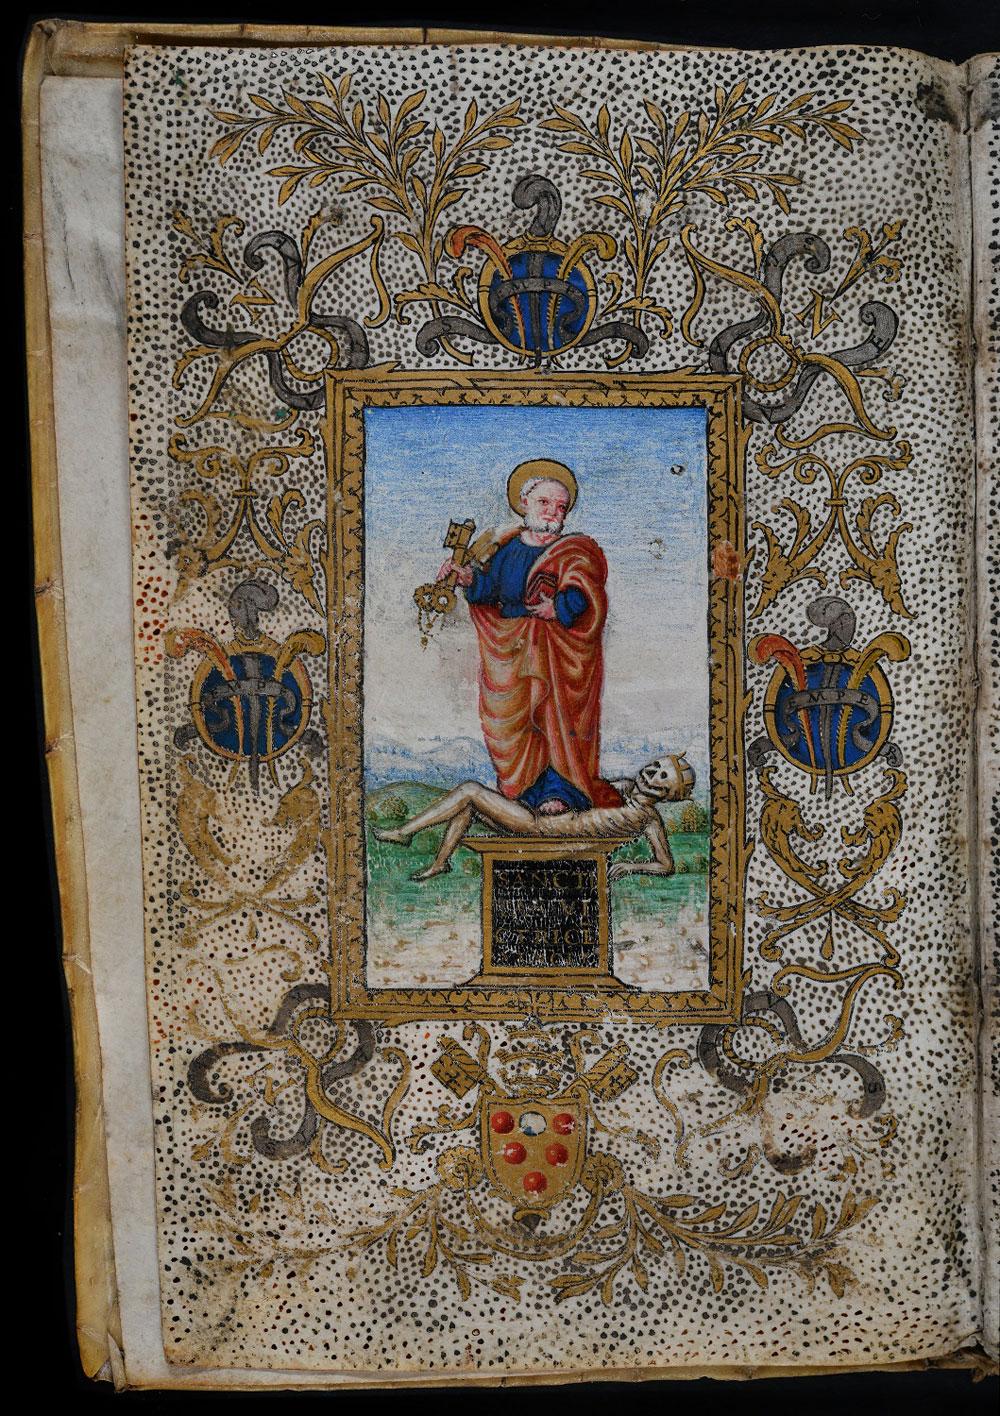 Storie di pagine dipinte: in mostra a Palazzo Pitti quaranta codici miniati rubati e recuperati dai Carabinieri